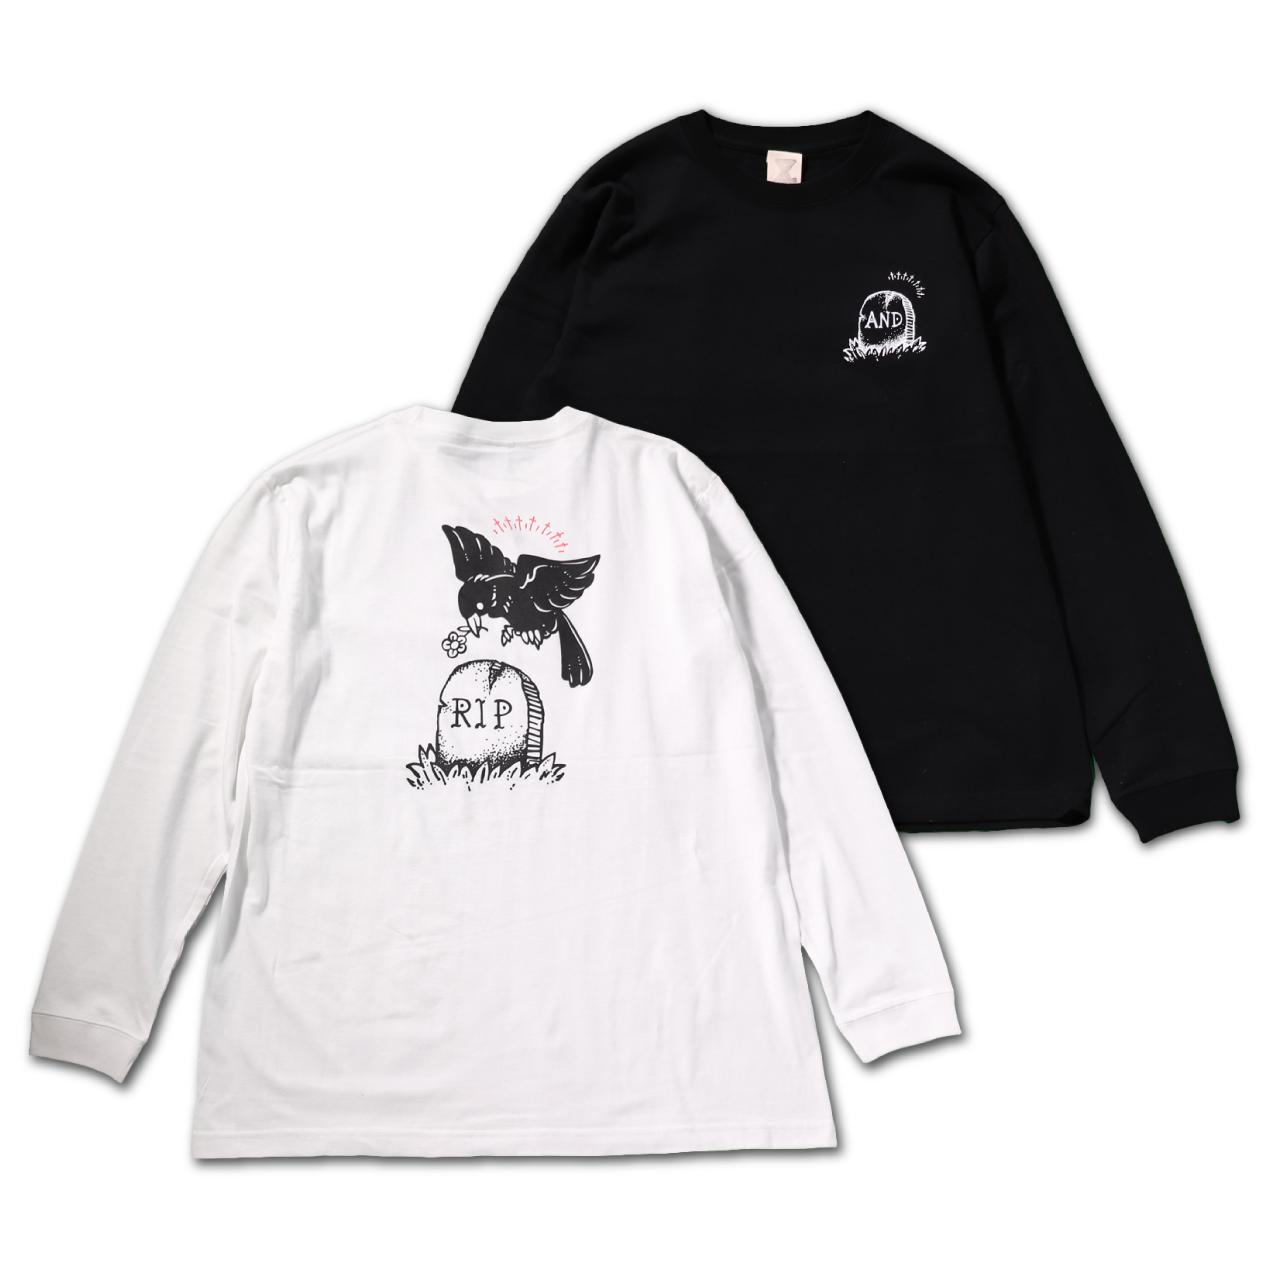 R.I.P. Long Tshirts